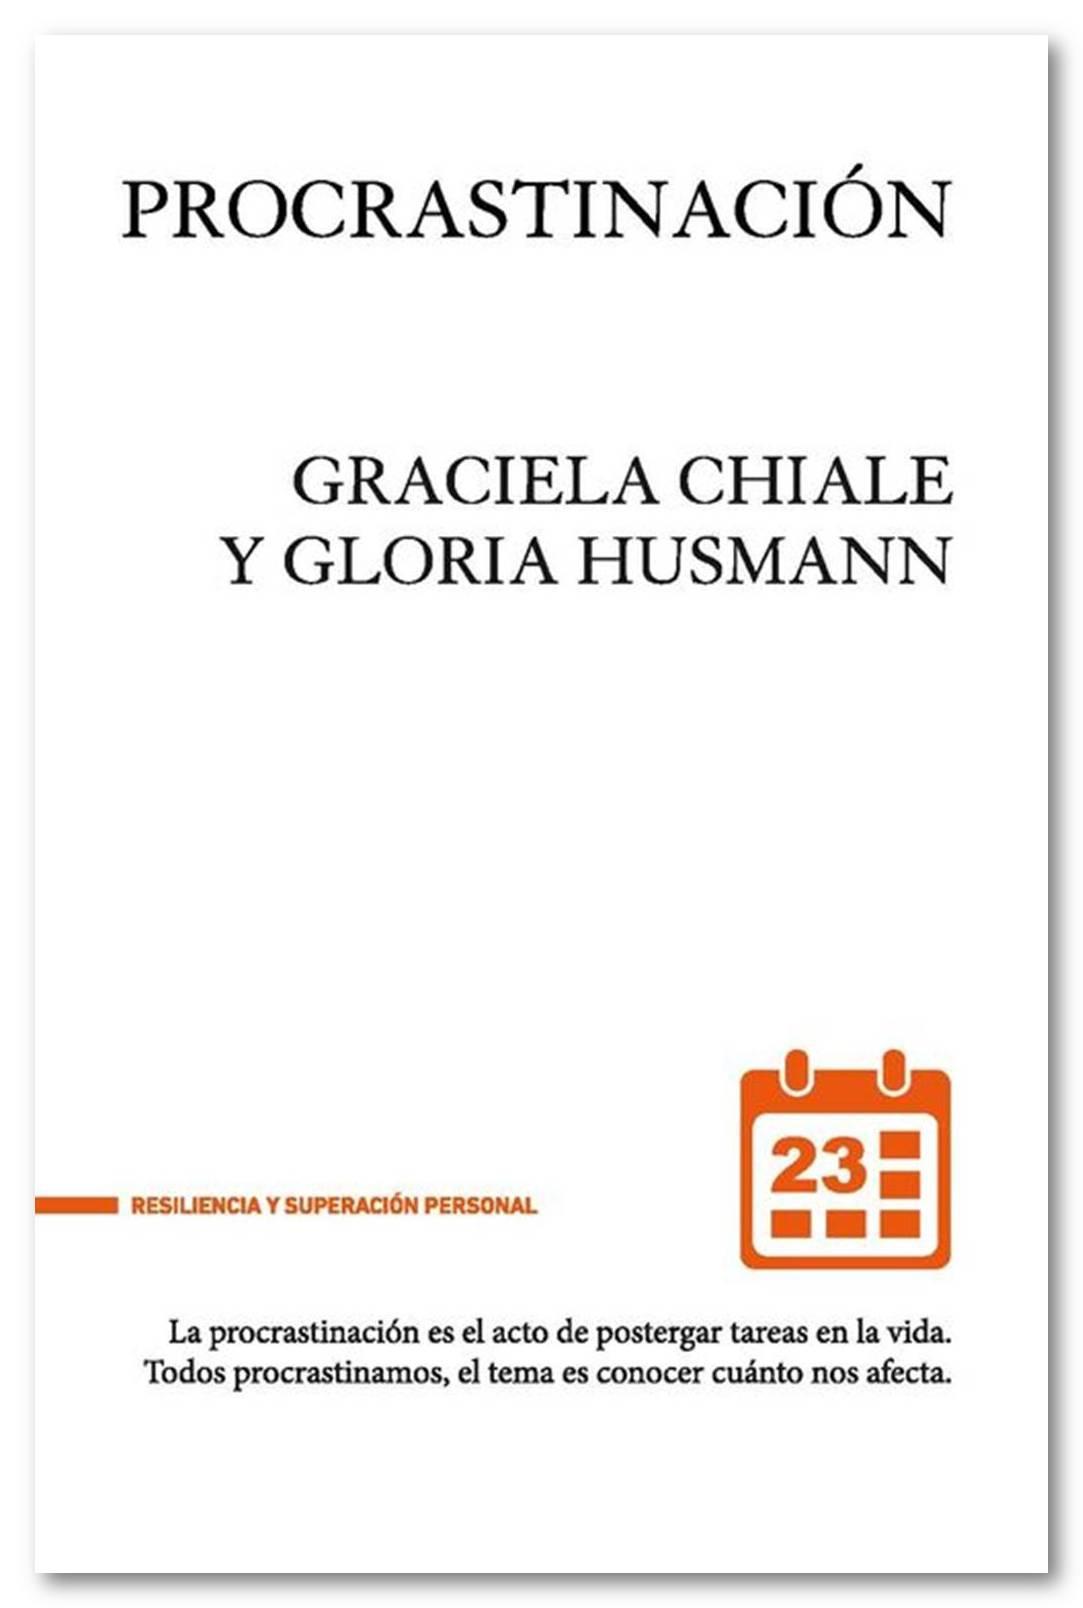 Procrastinación, Graciela Chiale y Gloria Husmann